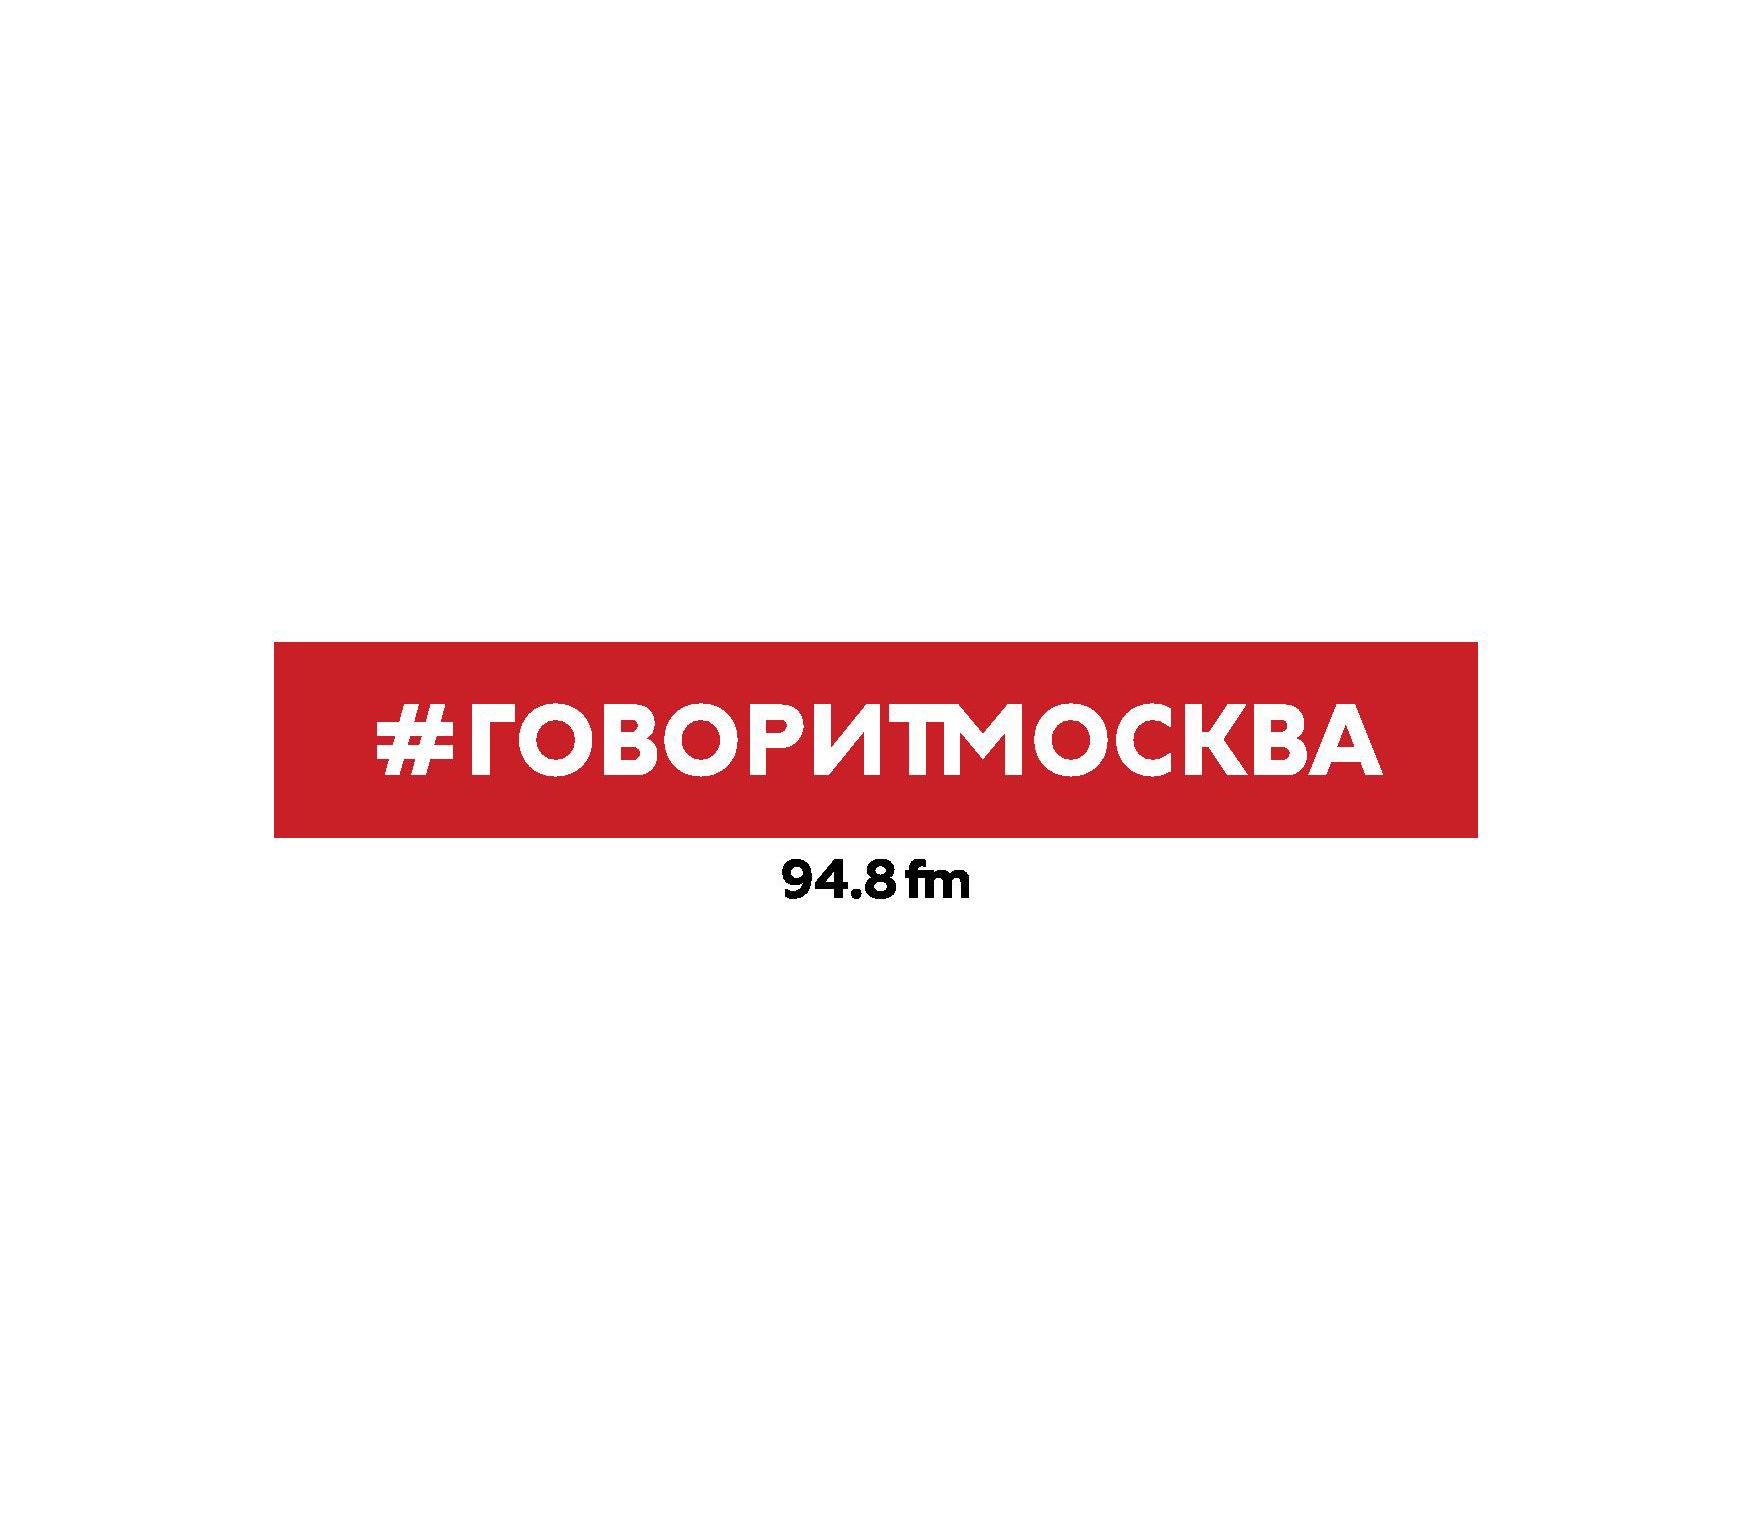 Макс Челноков 13 апреля. Ирина Прохорова цена